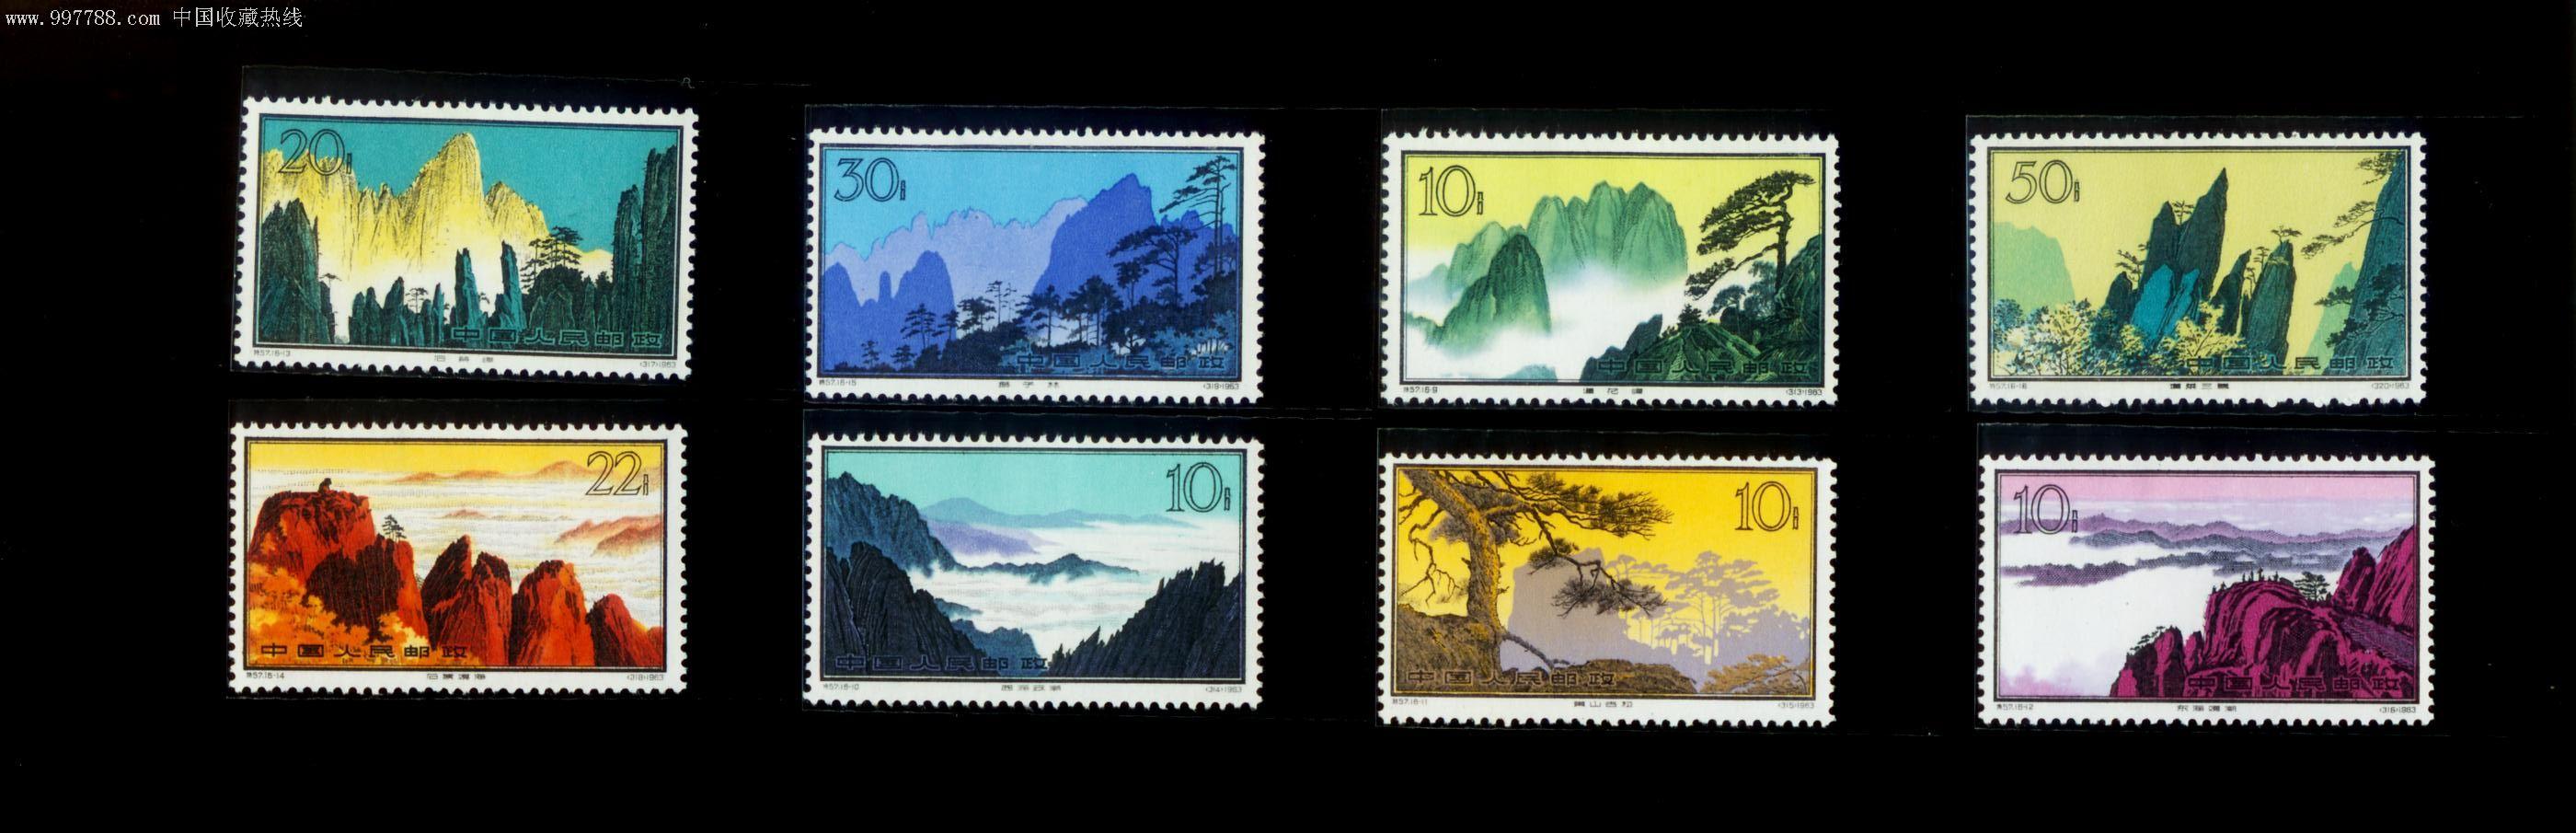 特57黄山风景-zc1103171-新中国邮票-加价-7788收藏